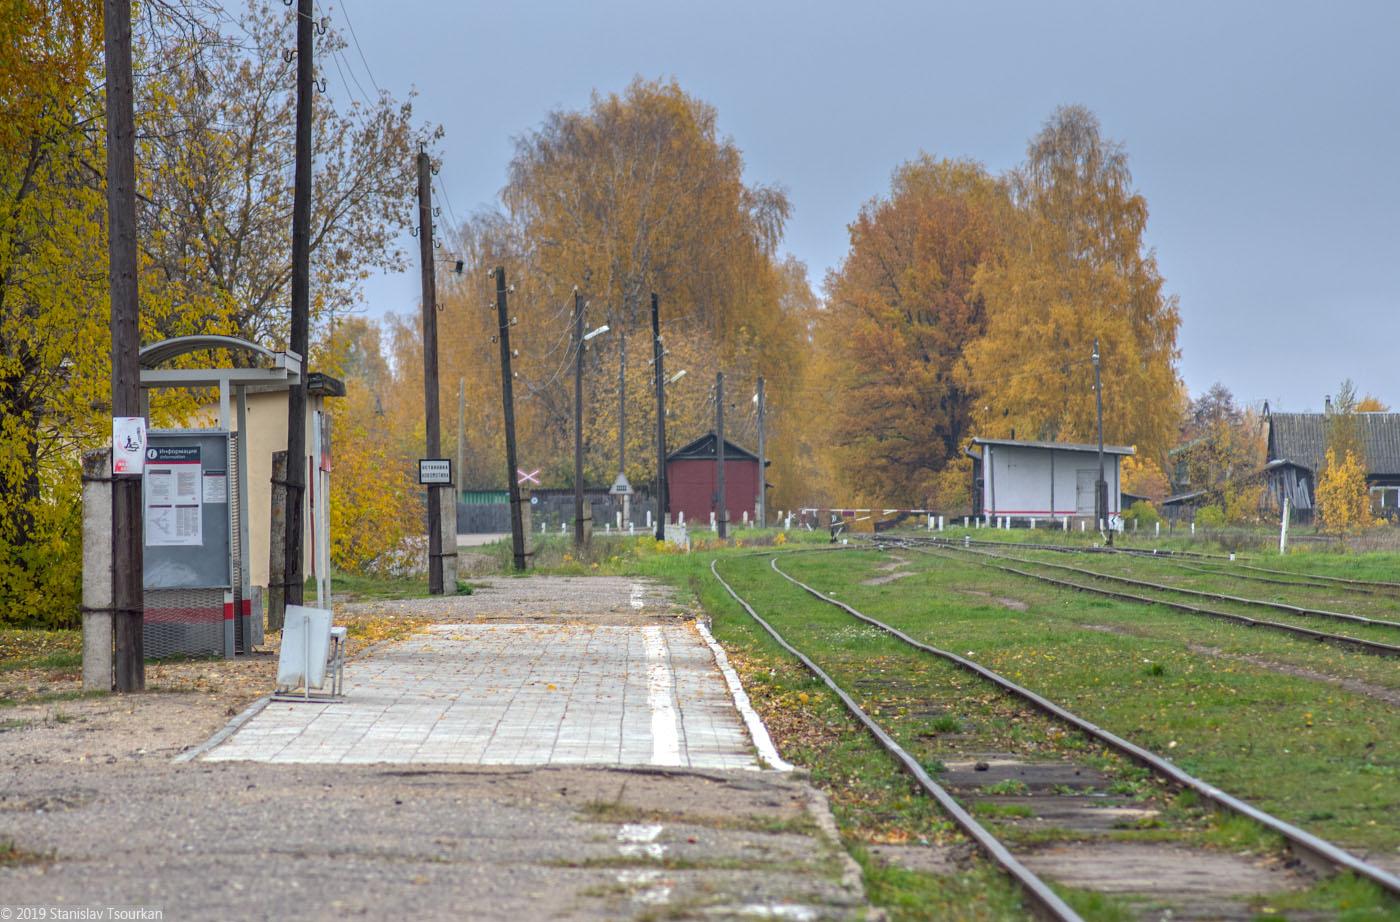 Тверская область, Весьегонск. станция Весьегонск, железная дорога, ж/д